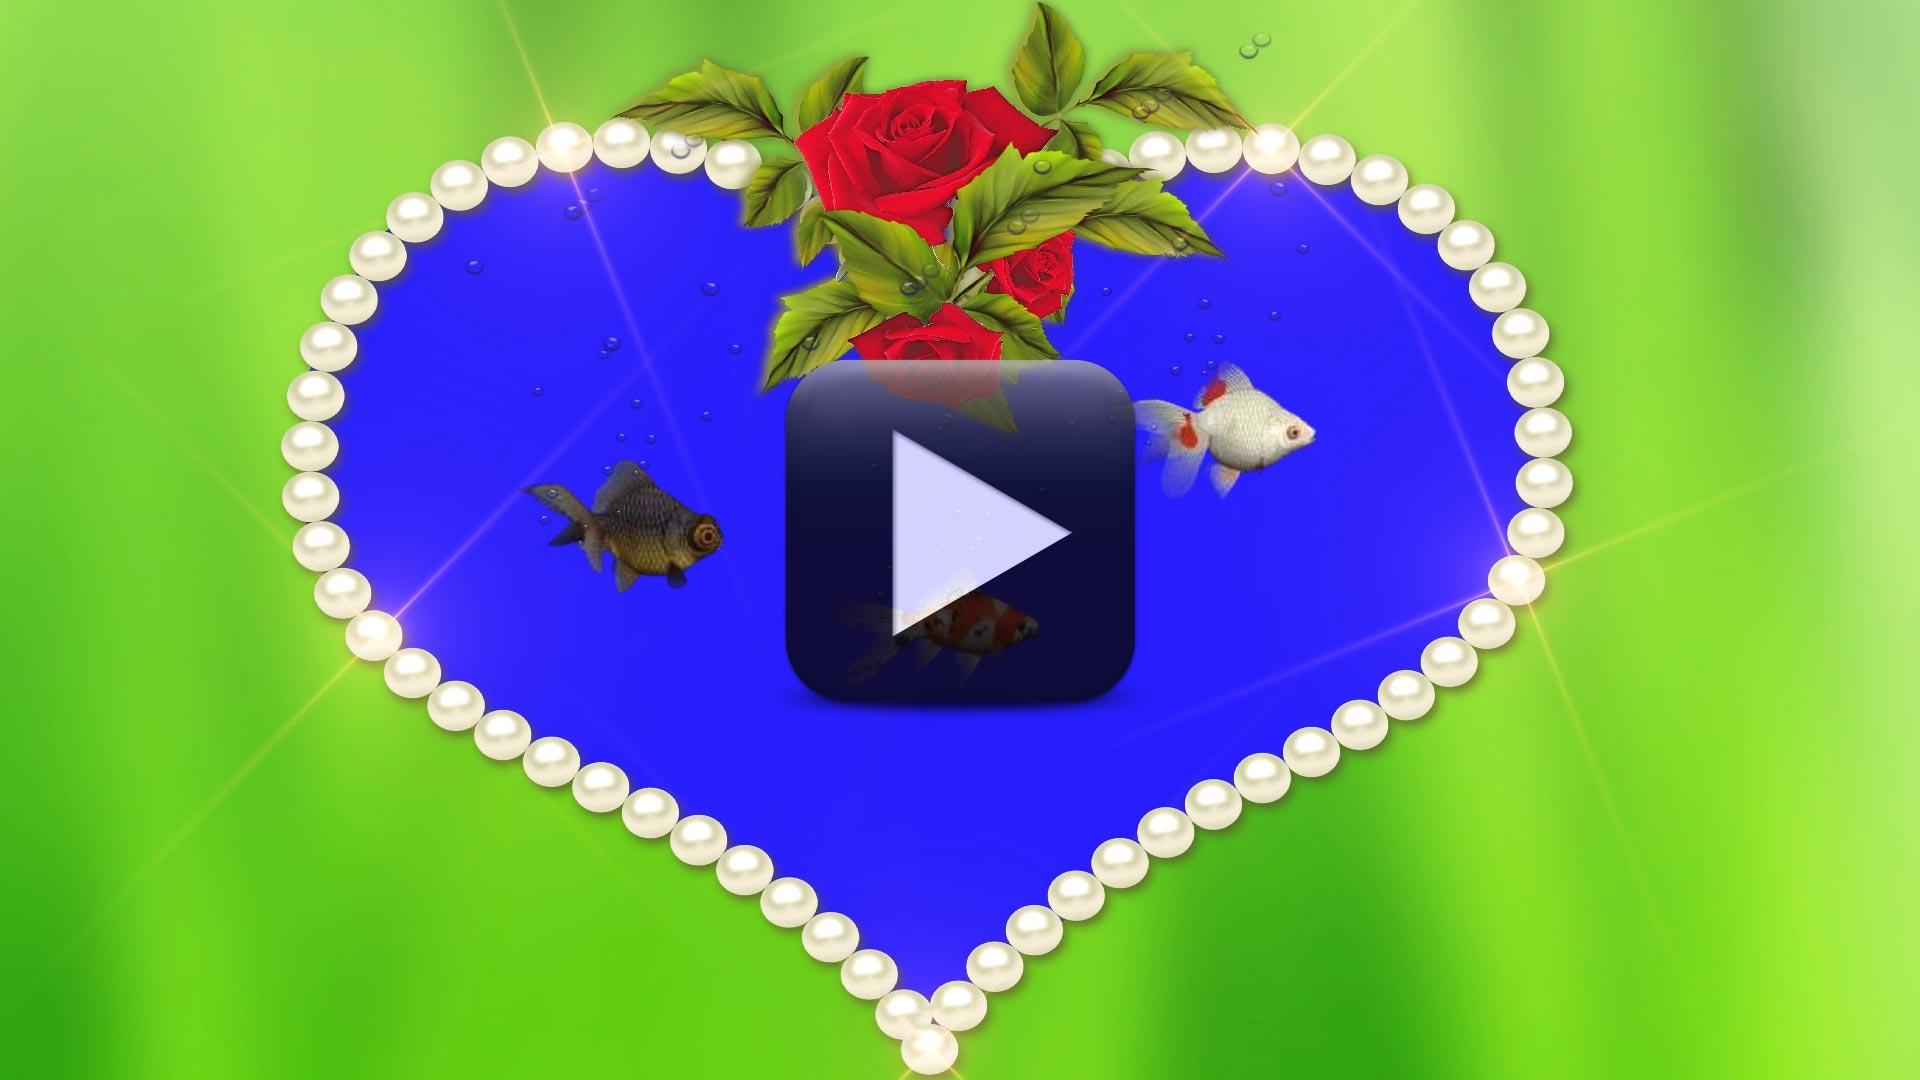 Free Wedding Motion Background